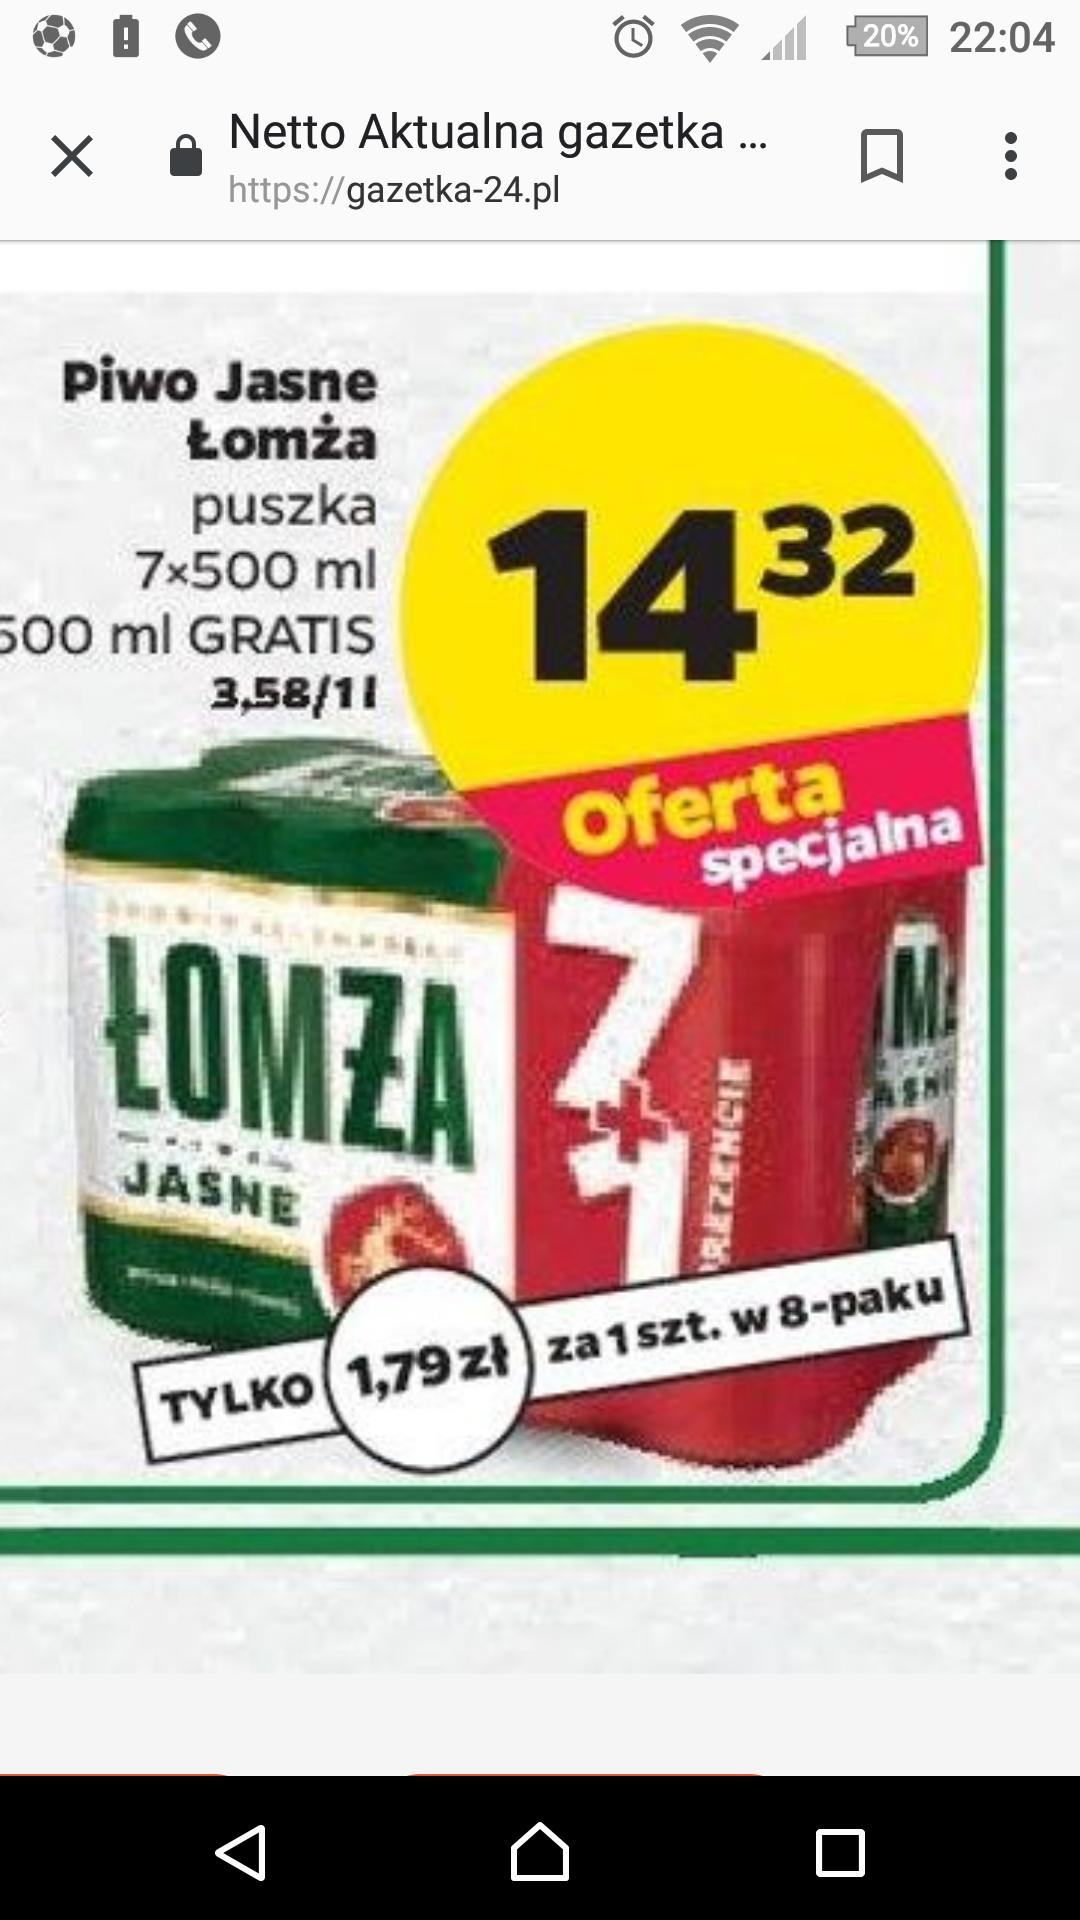 Łomża Piwo jasne 8 x 500 ml Netto